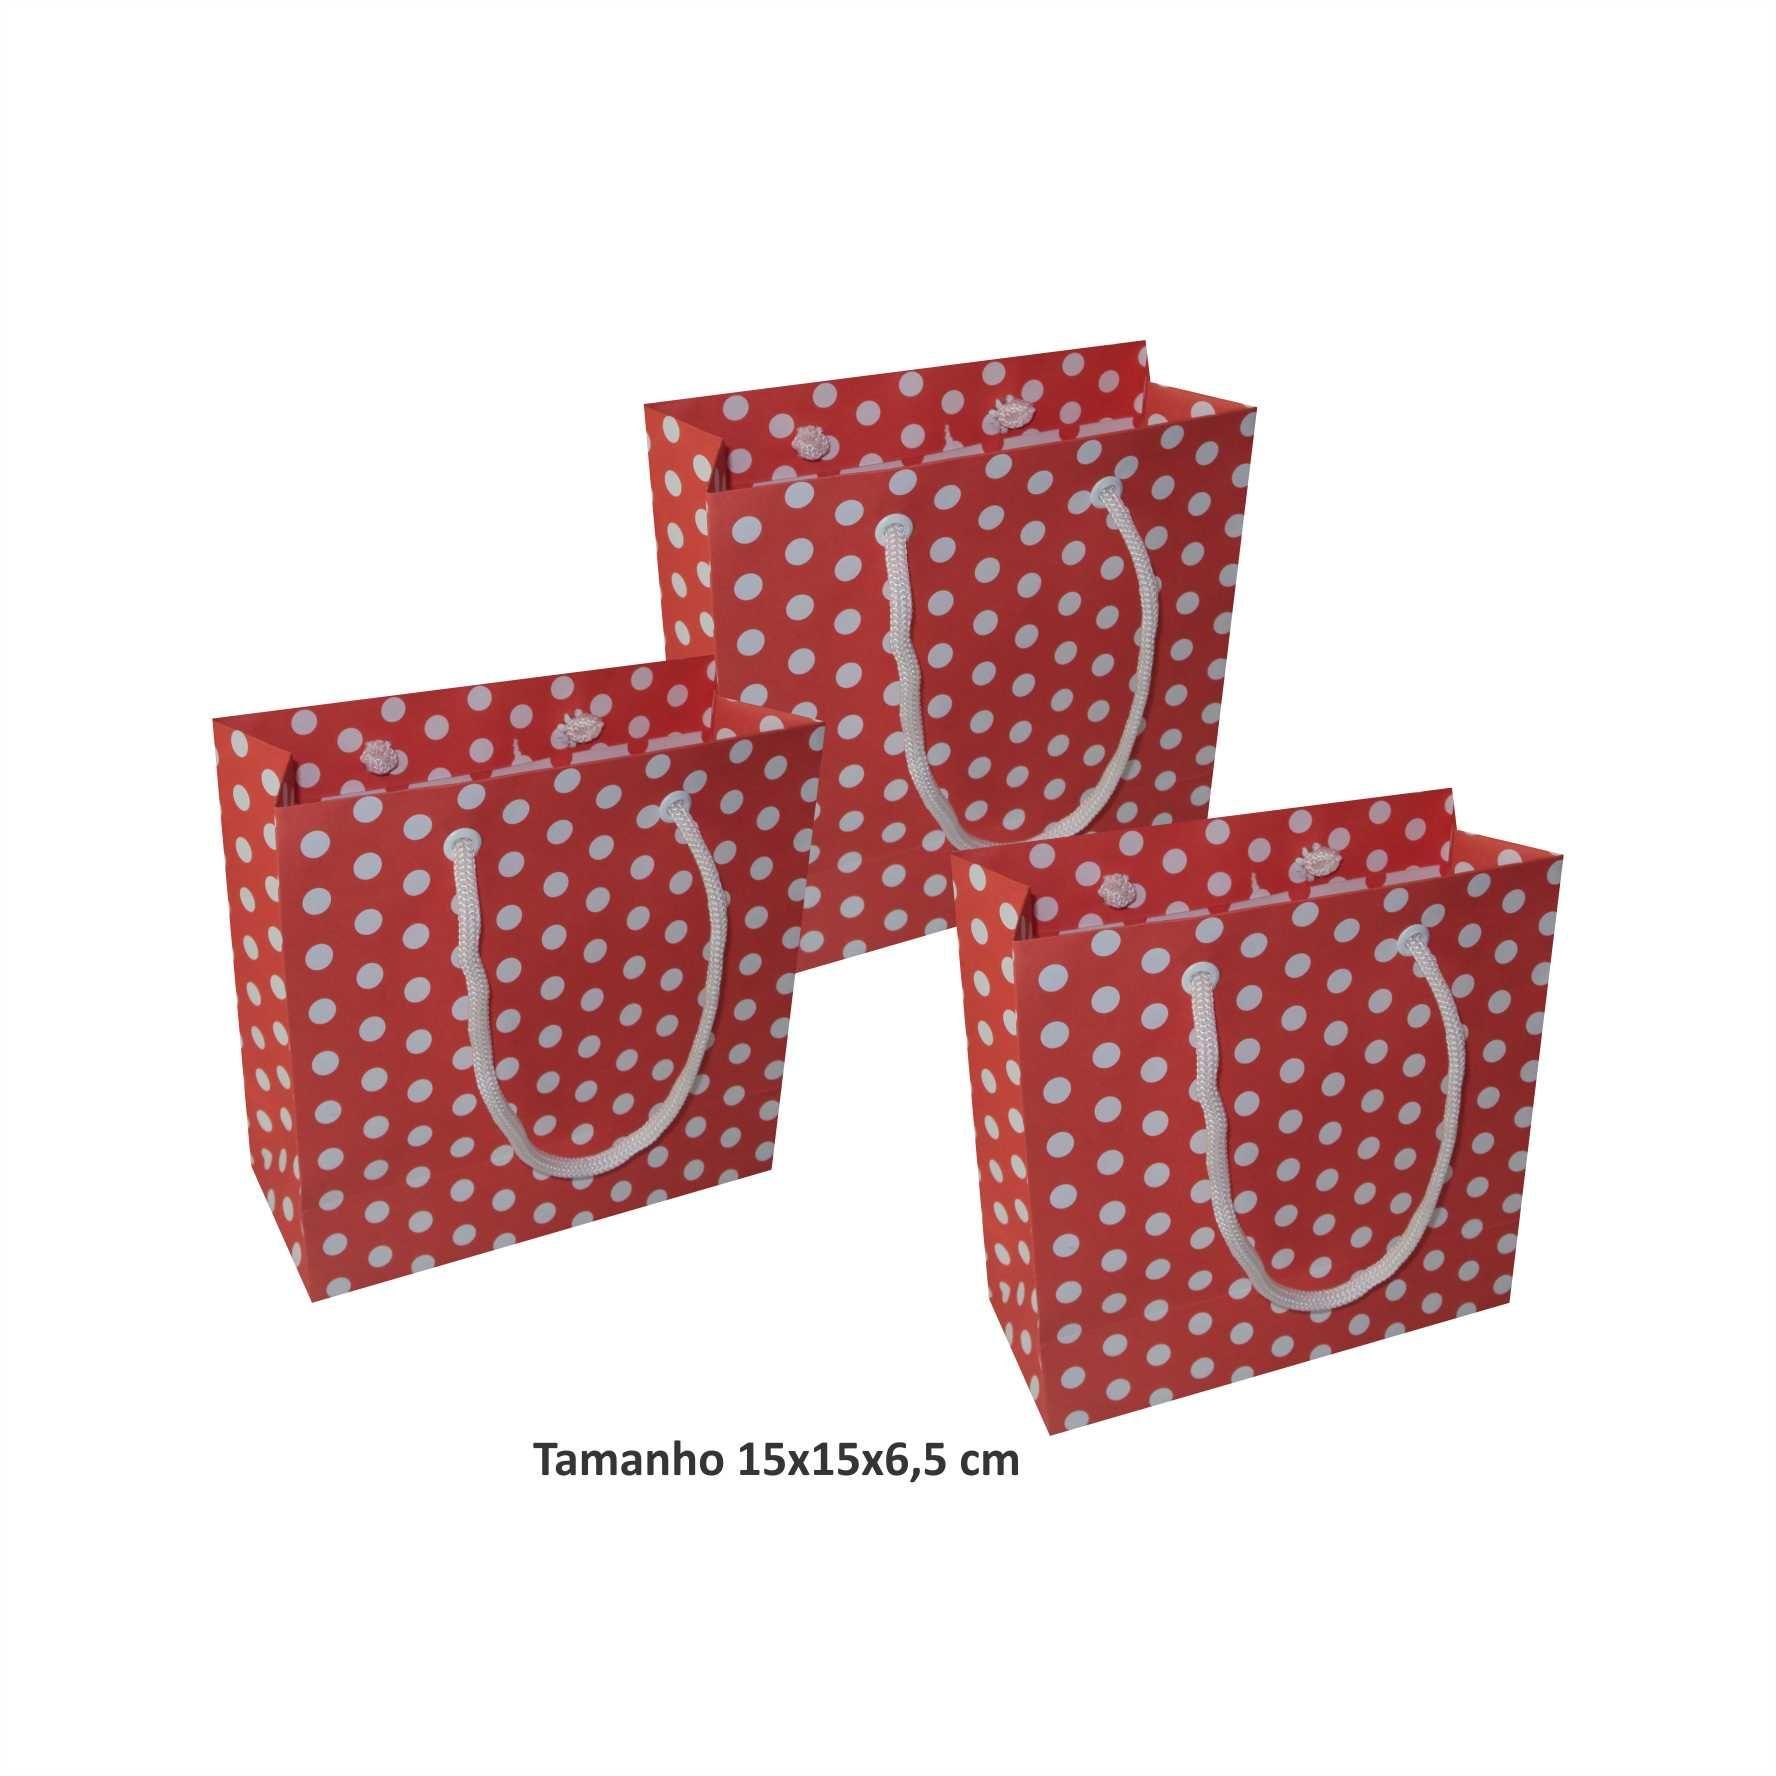 Sacola de papel Pequena (15x15x6,5 cm) vermelha de bolinha branca - 10 unidades